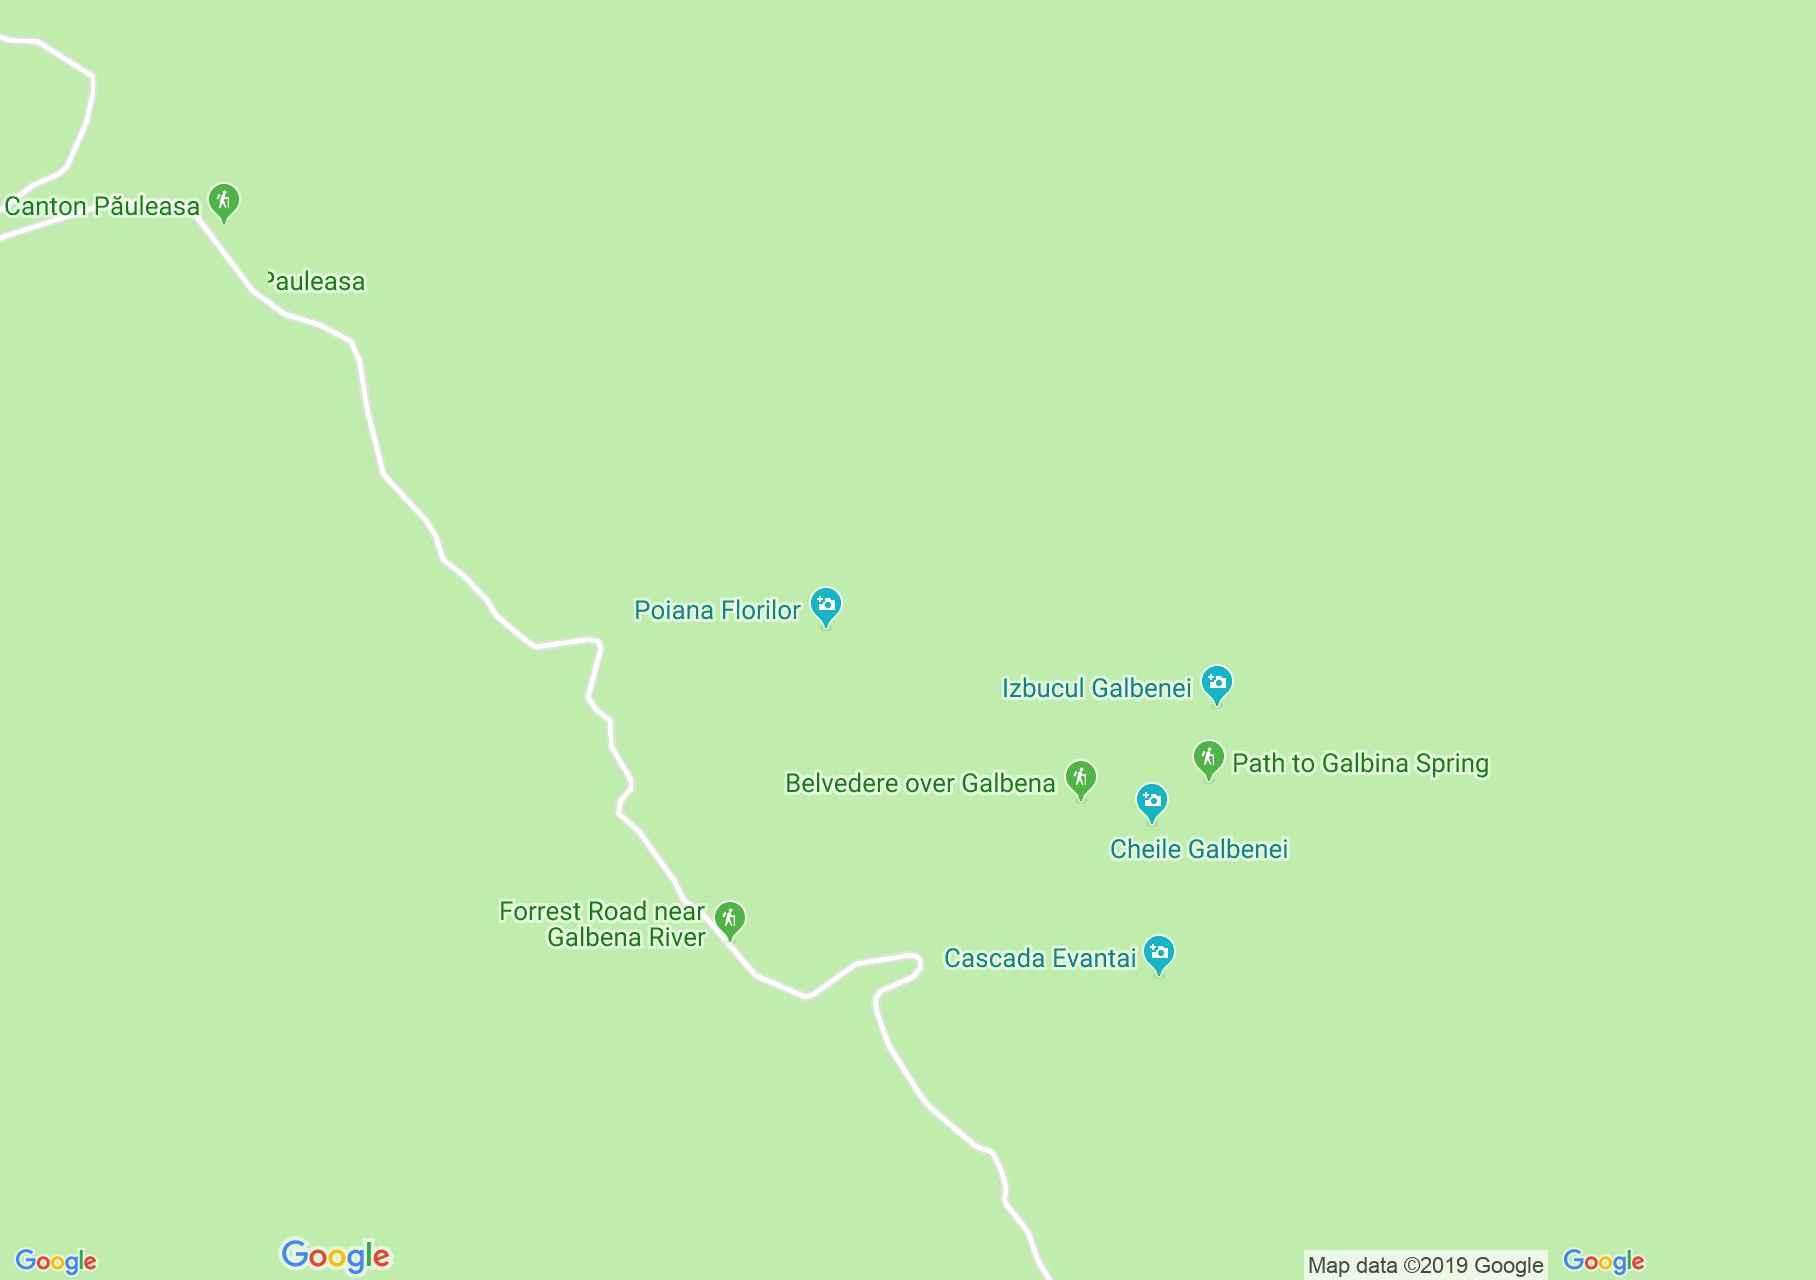 Păuleasa: Galbena völgy (térkép)